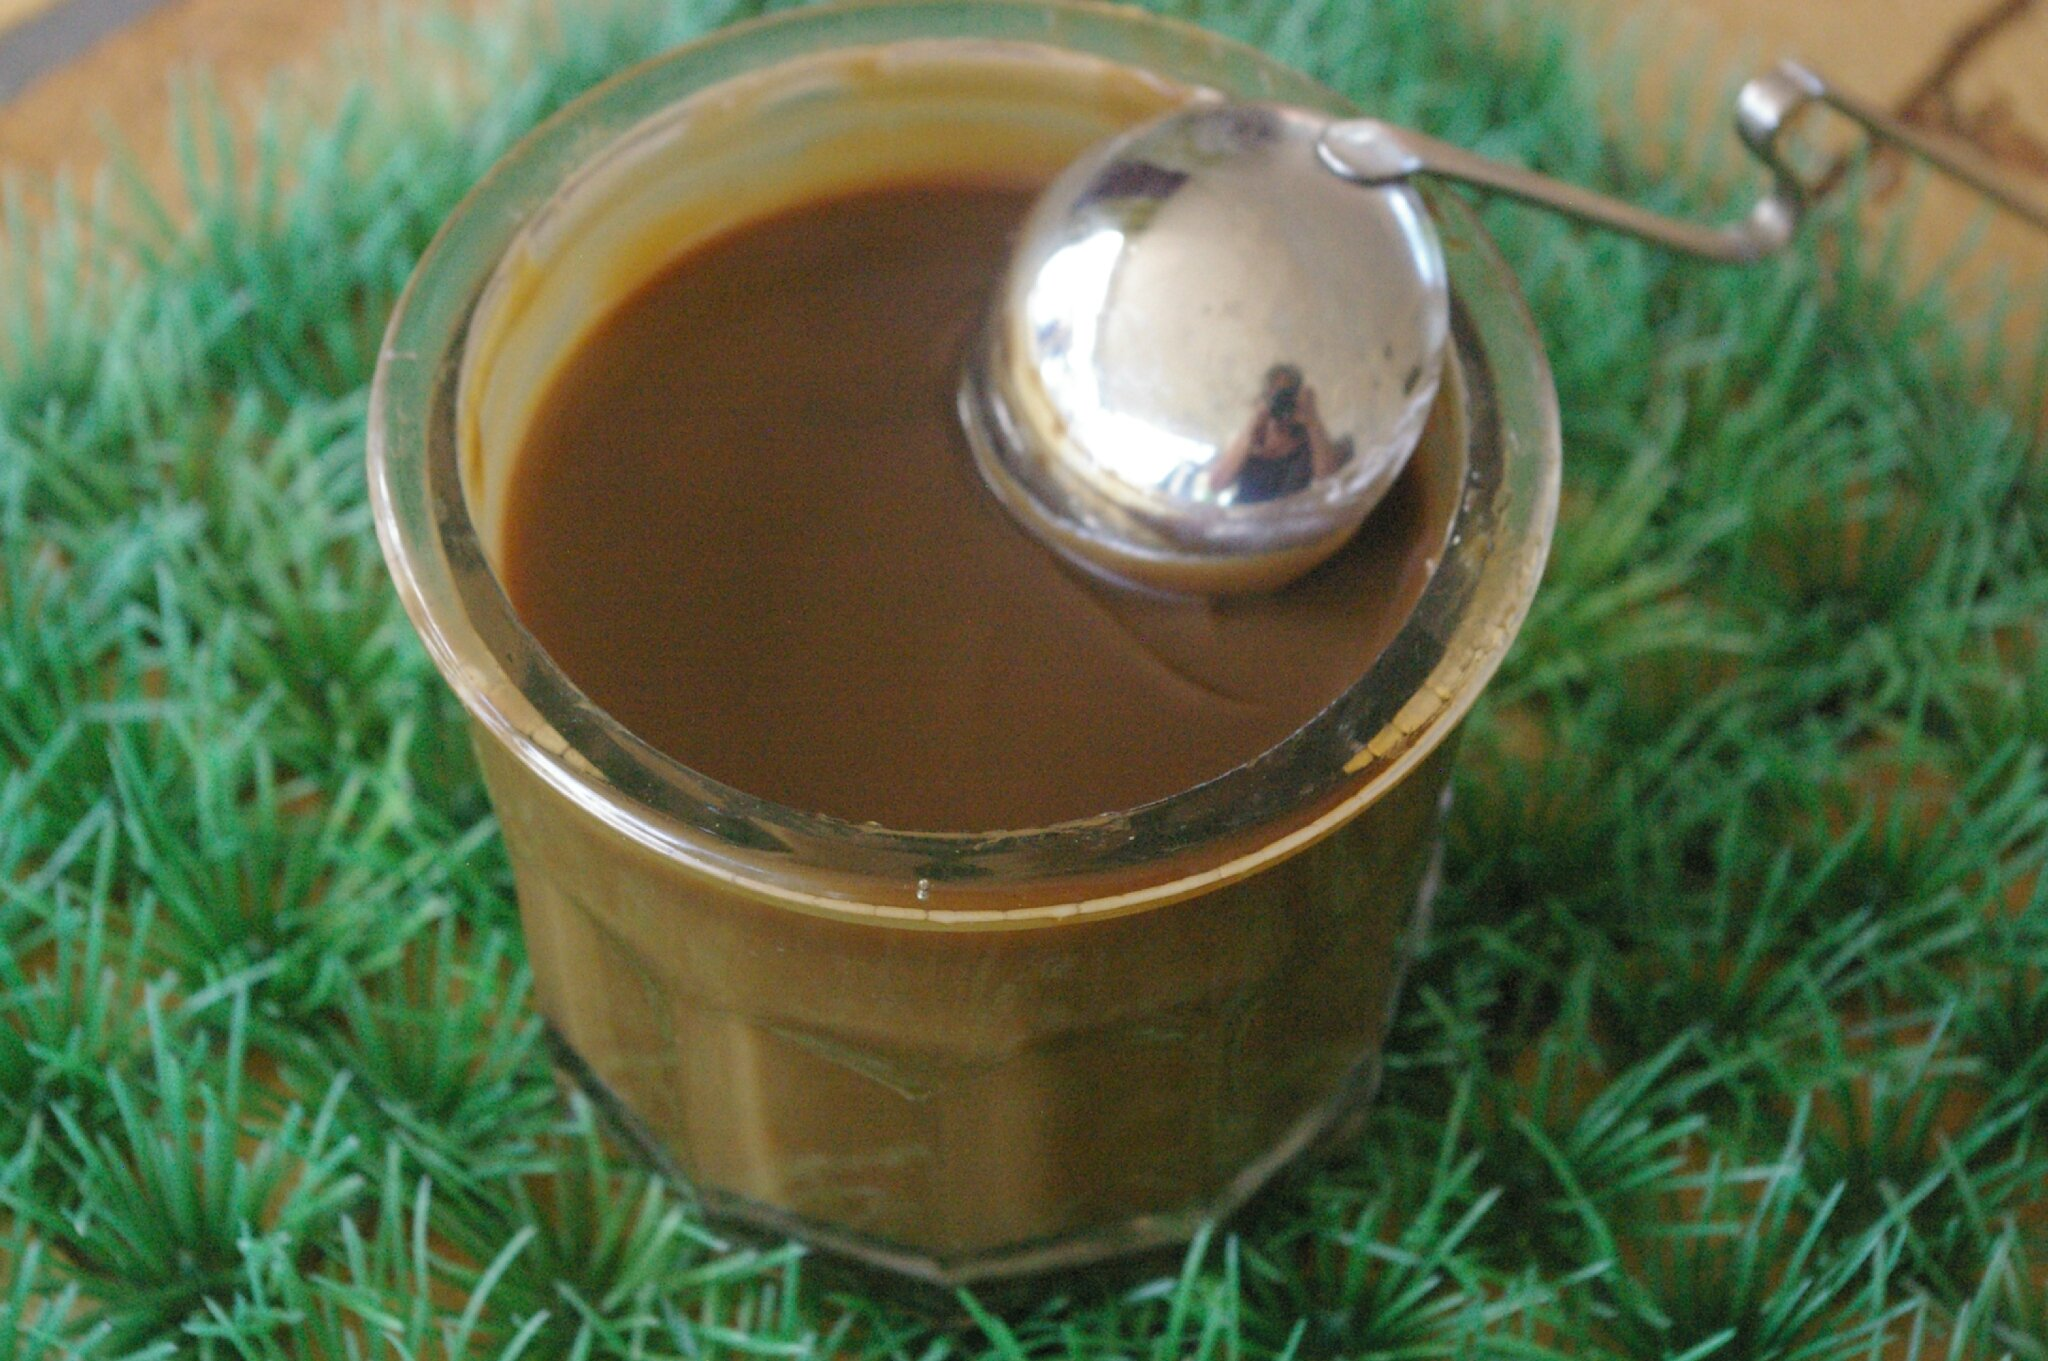 Caramel au beurre salé ou salidou